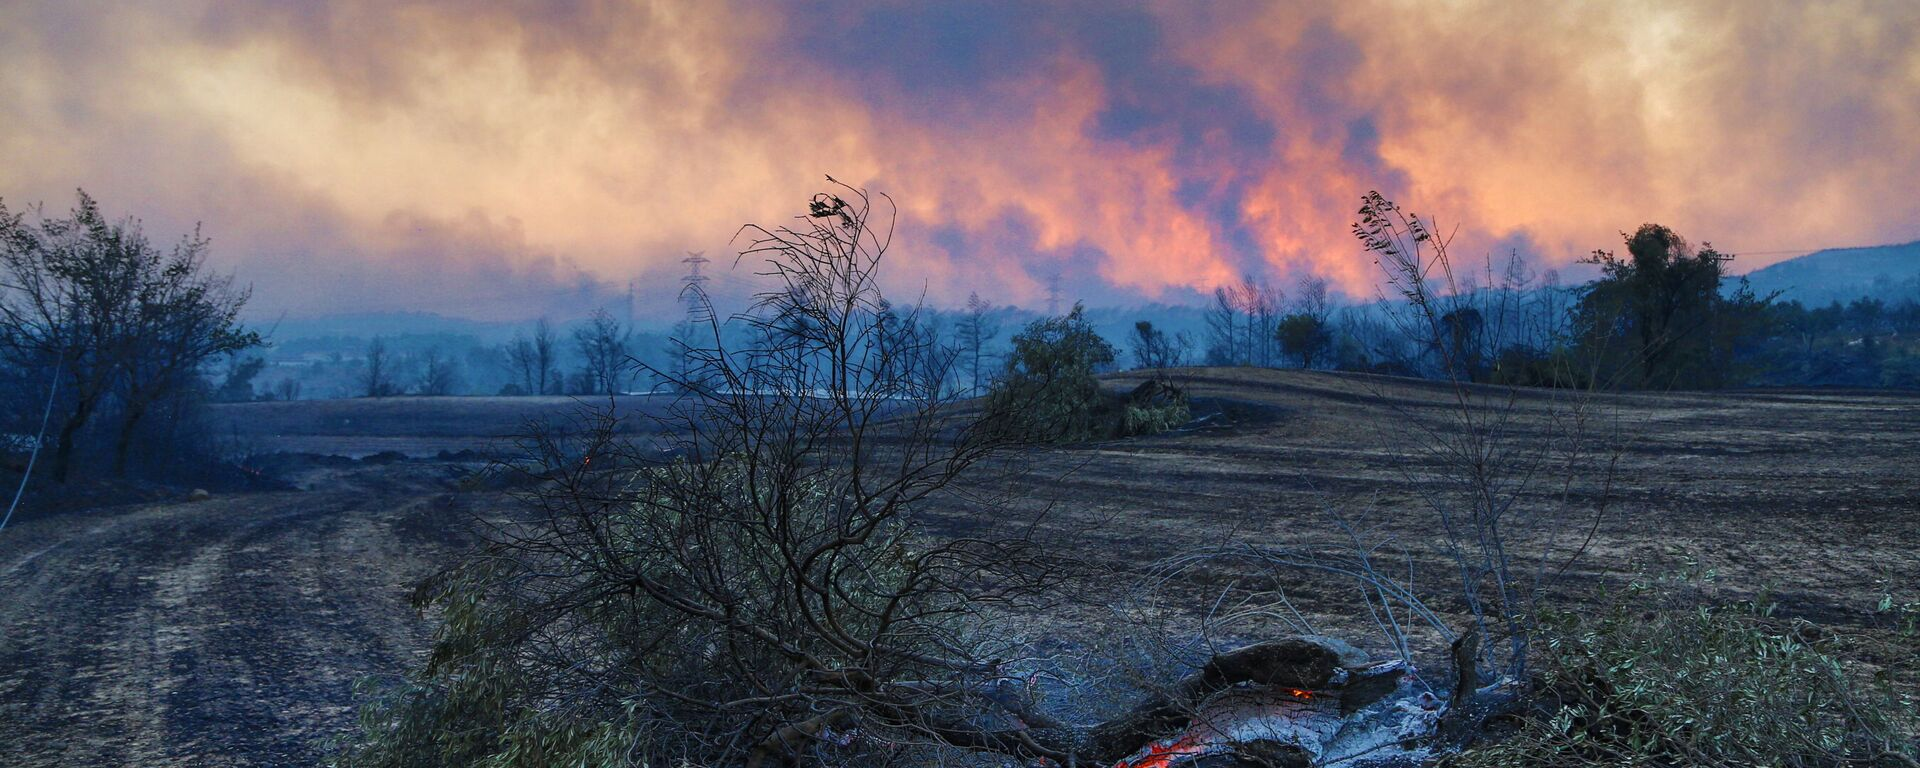 Waldbrand in der Türkei - SNA, 1920, 29.07.2021